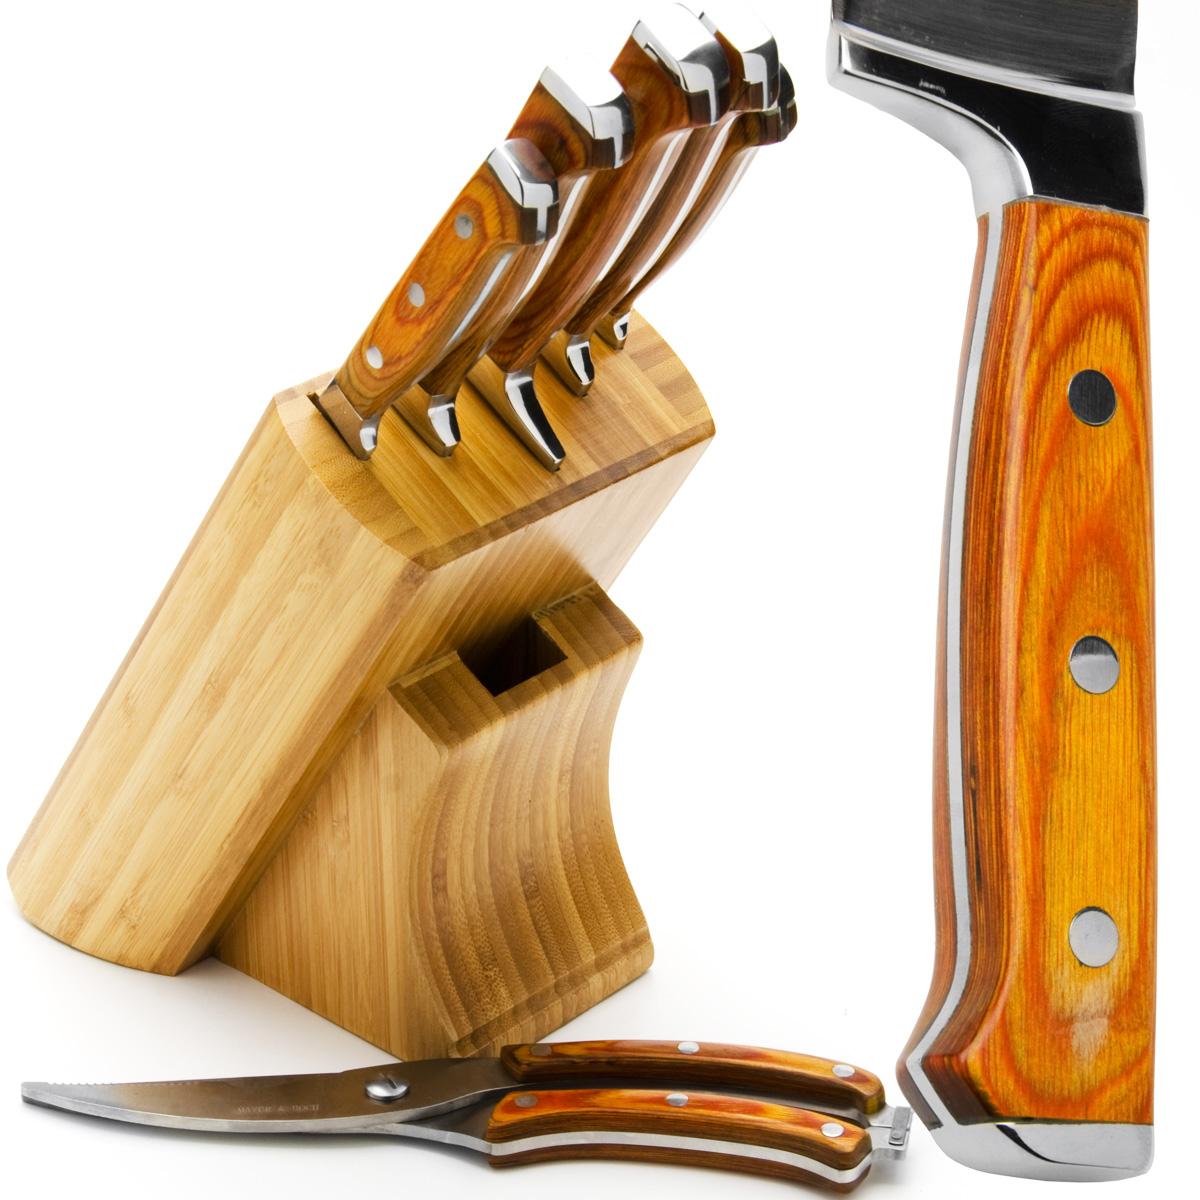 Набор ножей Mayer & Boch, цвет: коричневый, 7 предметов. 2362323623Набор ножей Mayer & Boch состоит из 5 ножей, ножниц и поставки. Ножи и ножницы выполнены из нержавеющей стали, ручки из дерева. Деревянная подставка поможет хранить все ножи в одном месте. Оригинальный набор ножей великолепно украсит интерьер кухни и станет замечательным помощником. Можно мыть в посудомоечной машине. Длина лезвия поварского ножа: 20,3 см. Общая длина поварского ножа: 33 см. Длина лезвия хлебного ножа: 20,3 см. Общая длина хлебного ножа: 33 см. Длина лезвия разделочного ножа: 20,3 см. Общая длина разделочного ножа: 33 см. Длина лезвия универсального ножа: 12,7 см. Общая длина универсального ножа: 24 см. Длина лезвия ножа для очистки: 8,9 см. Общая длина ножа для очистки: 20 см. Длина лезвий ножниц: 8,5 см. Размер ножниц: 25 см х 5,5 см х 2 см. Размер подставки: 15 см х 13 см х 22 см.